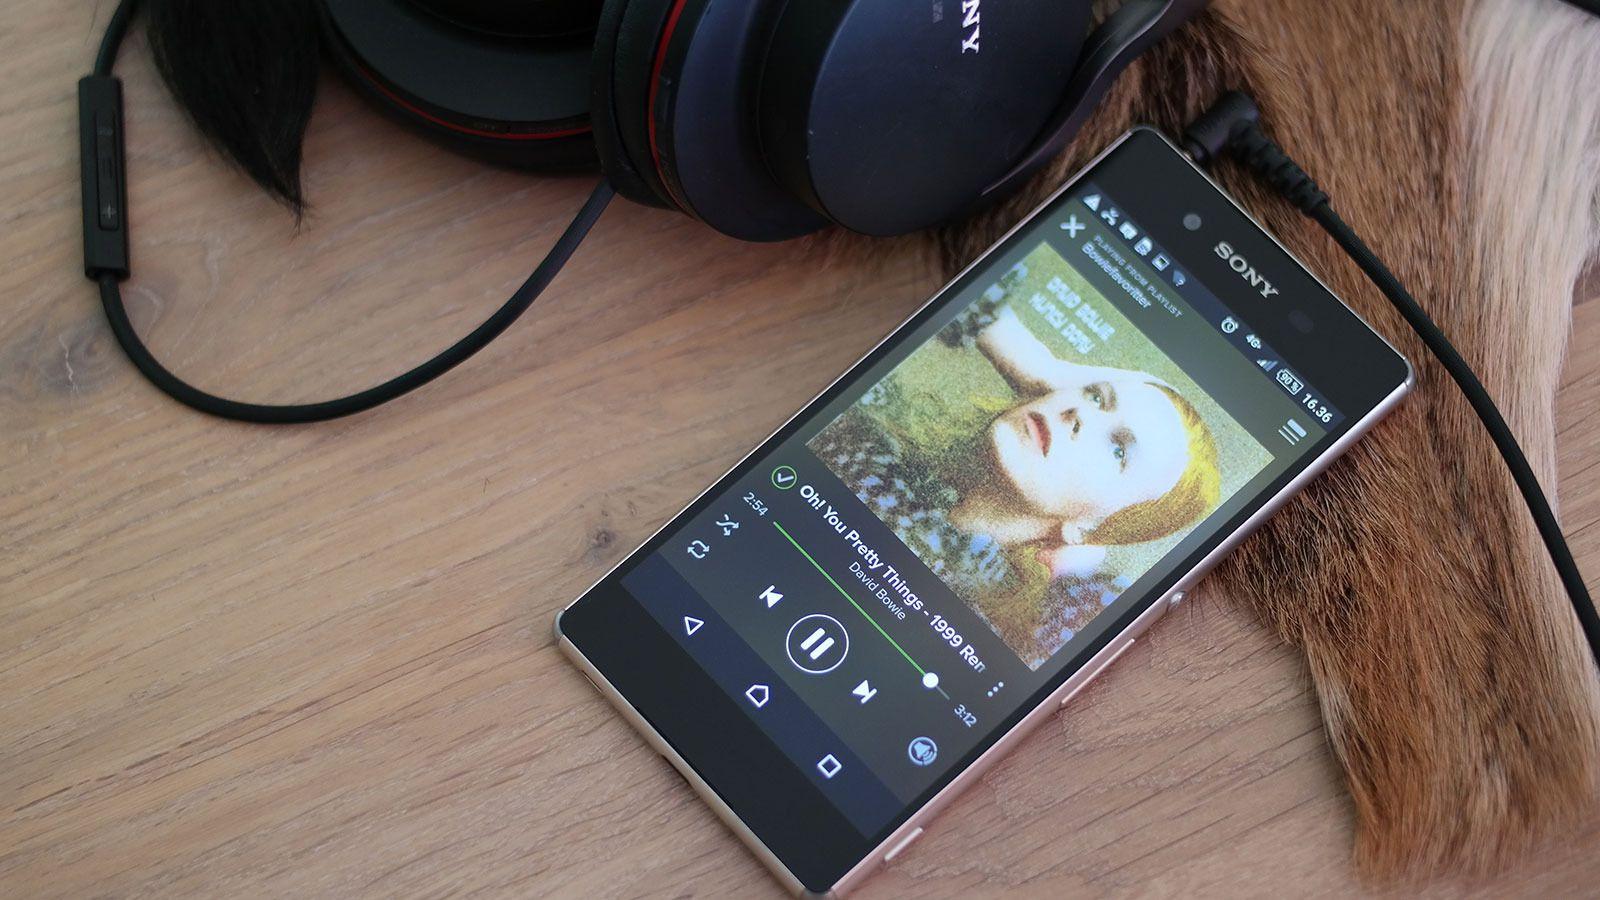 Sonys nye Xperia Z3+ kjører også Snapdragon 810 V2.1 og er en av markedets raskeste telefoner. Foto: Espen Irwing Swang, Tek.no